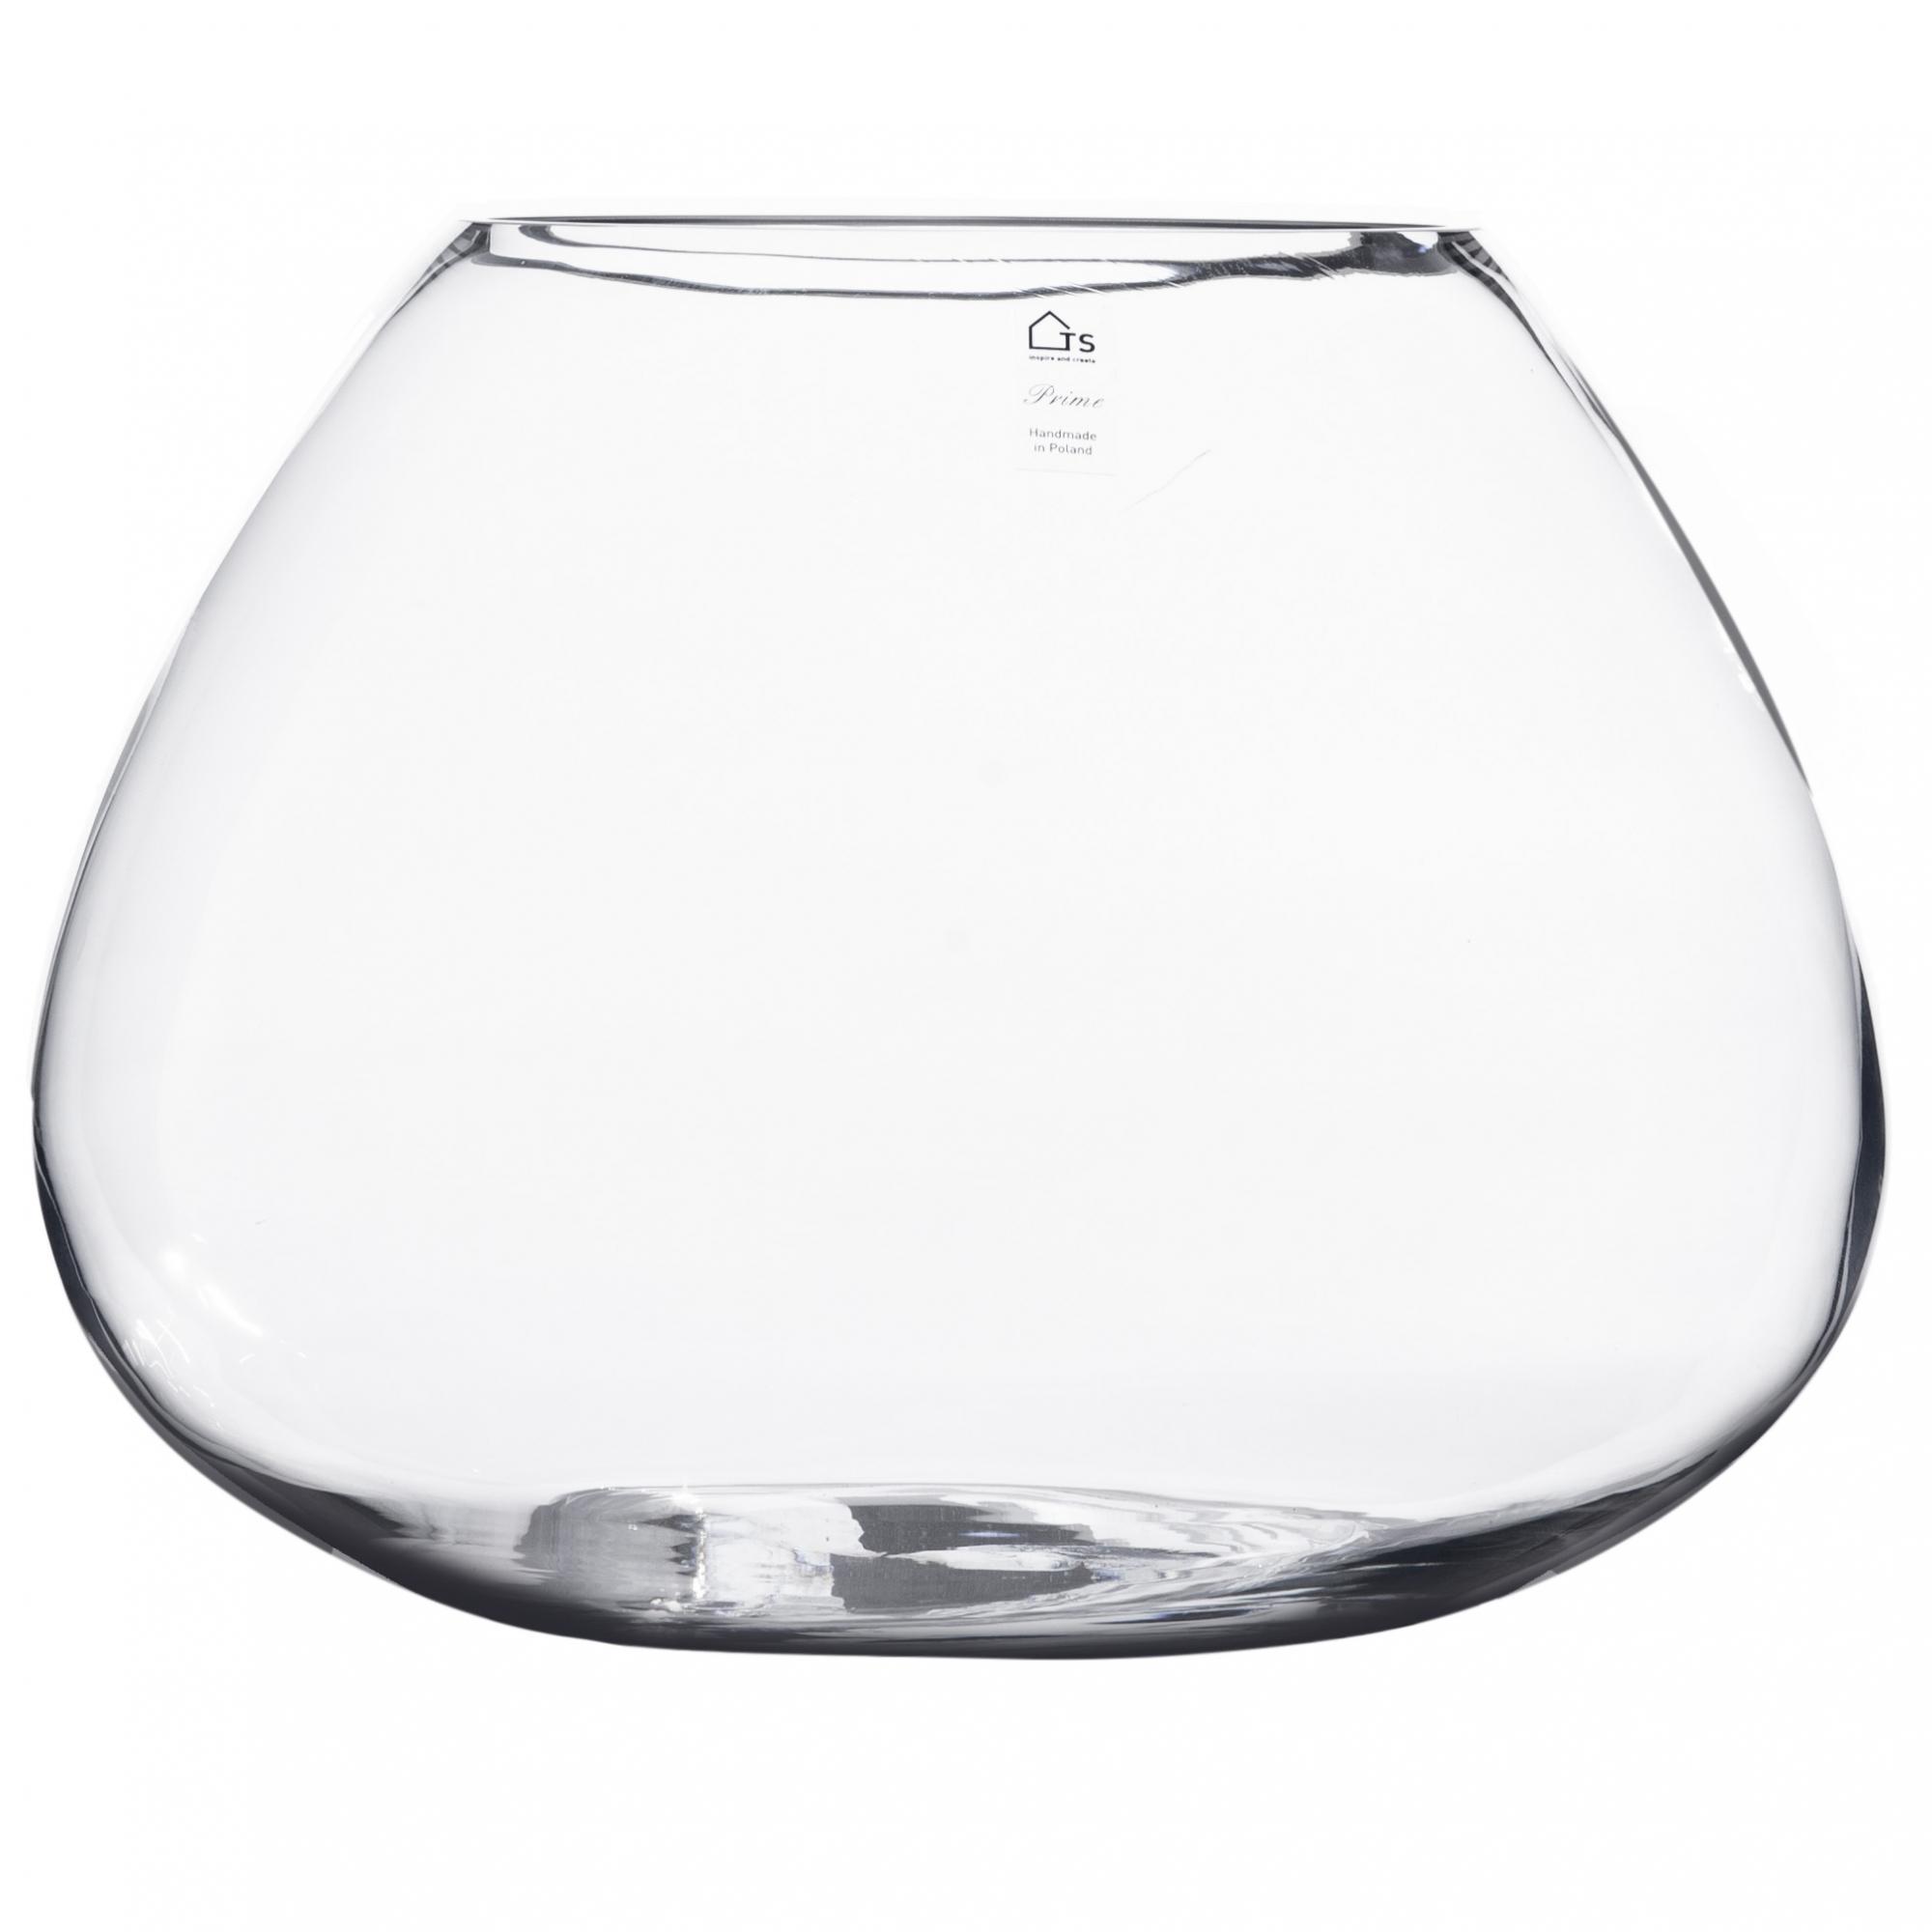 Vaso de Vidro Artesanal Polonês Rario 38x30cm